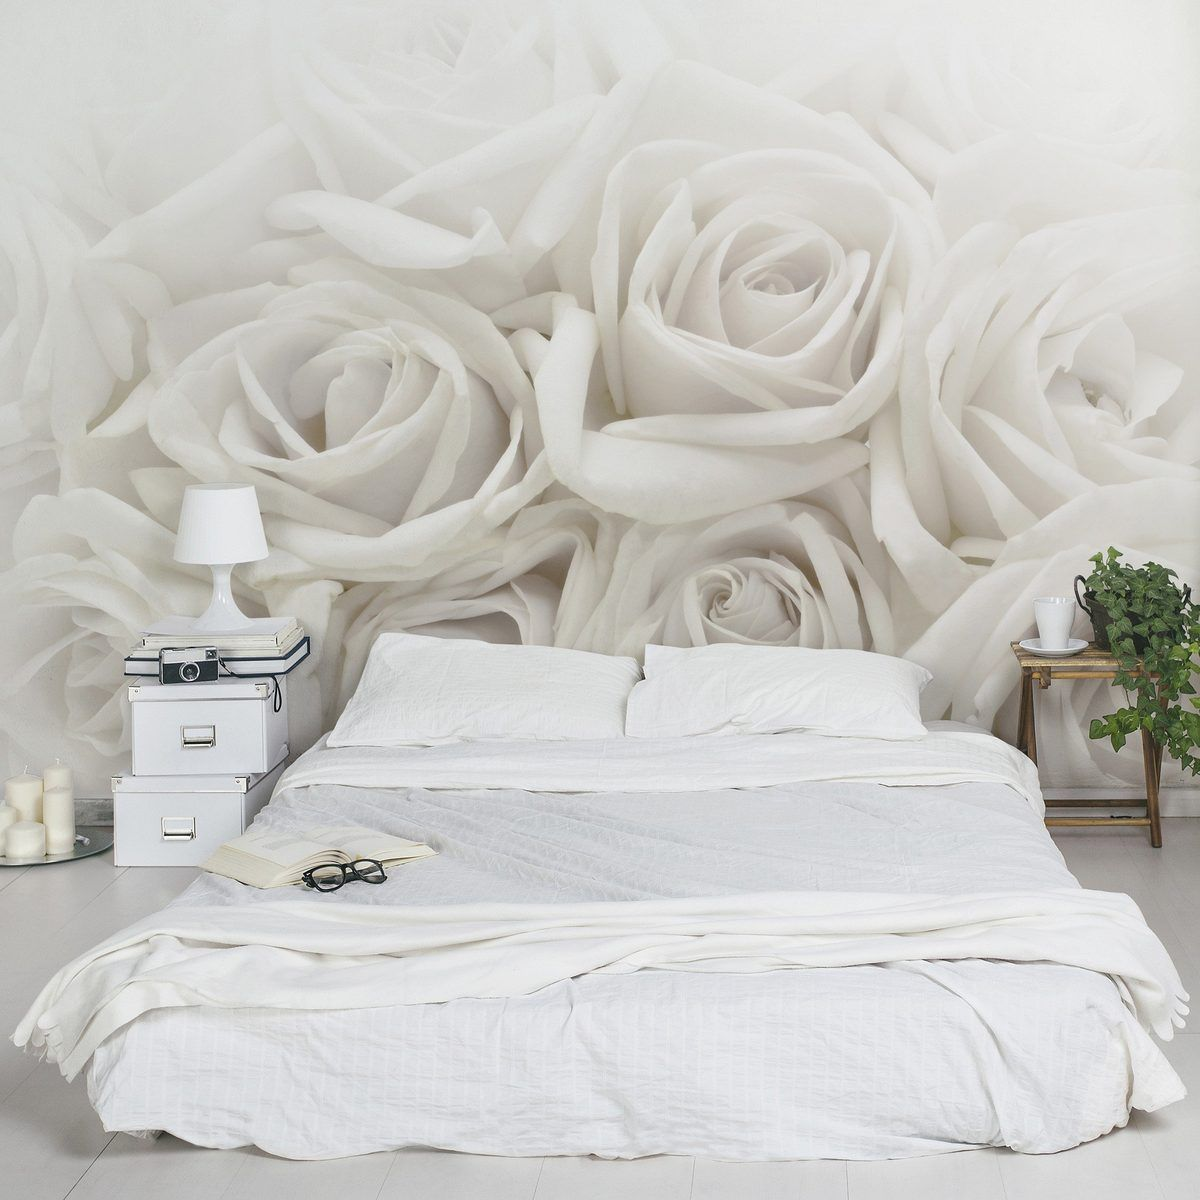 bilderwelten vliestapete blumen premium breit wei e rosen. Black Bedroom Furniture Sets. Home Design Ideas